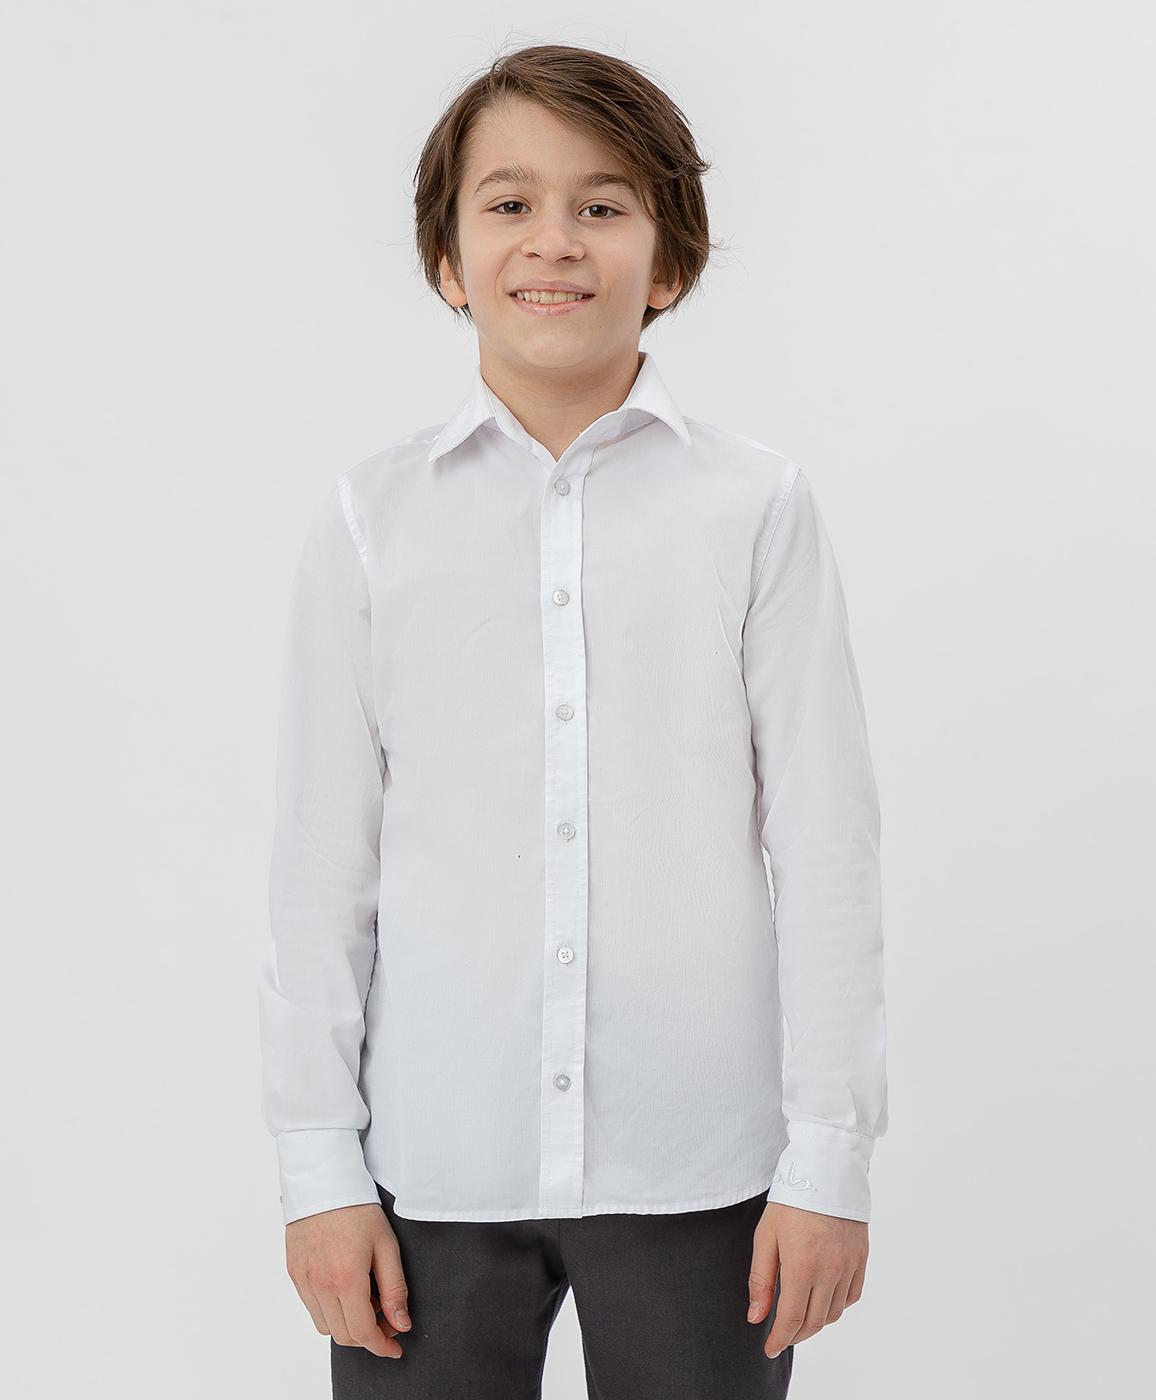 Купить 220BBBS23020200, Белая рубашка Button Blue, белый, 122, Хлопок, Мужской, Демисезон, ШКОЛЬНАЯ ФОРМА 2020-2021 (shop: GulliverMarket Gulliver Market)